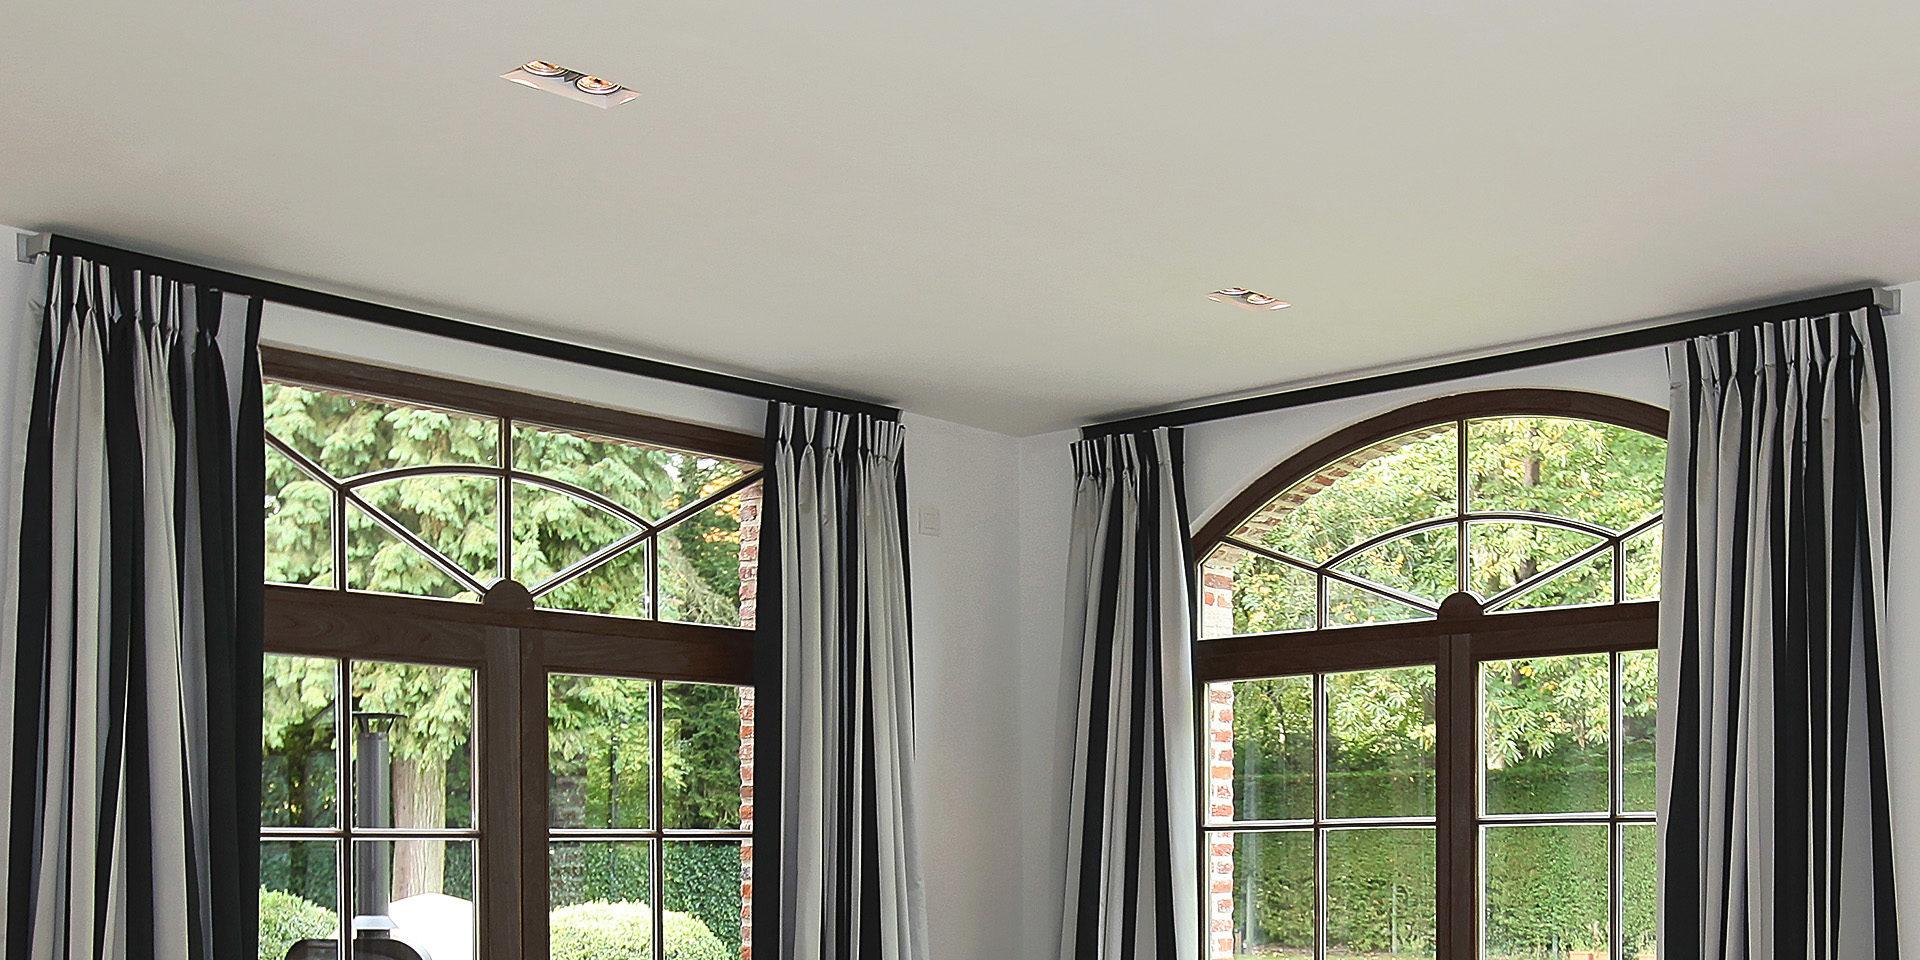 Gordijnstangen roedes - Marcotte Style